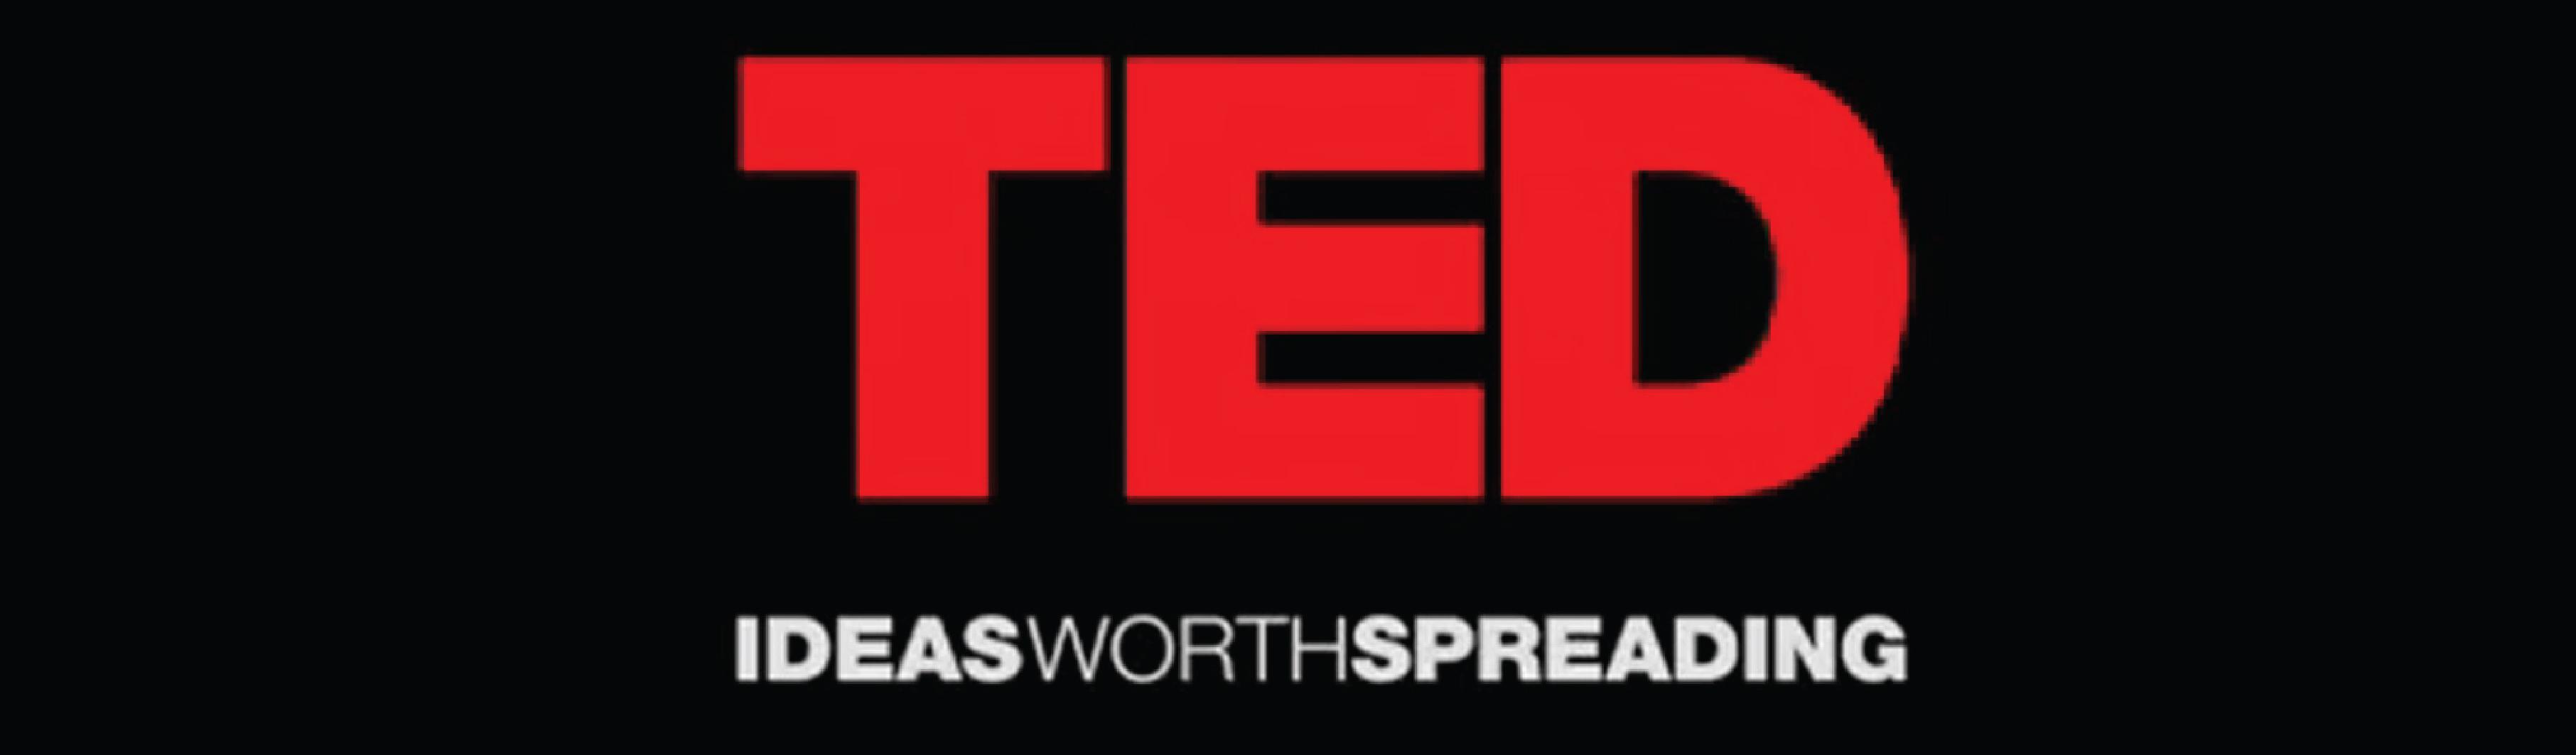 ted talks Ted (technology, entertainment, design) is een jaarlijkse, vierdaagse bijeenkomst die in 1984 voor het eerst gehouden werd in californiësprekers worden uitgenodigd om in maximaal 18 minuten de presentatie van hun leven te geven over hun gebied van expertise, over een bepaald project, of iets waarvan zij vinden dat het een idee is dat.